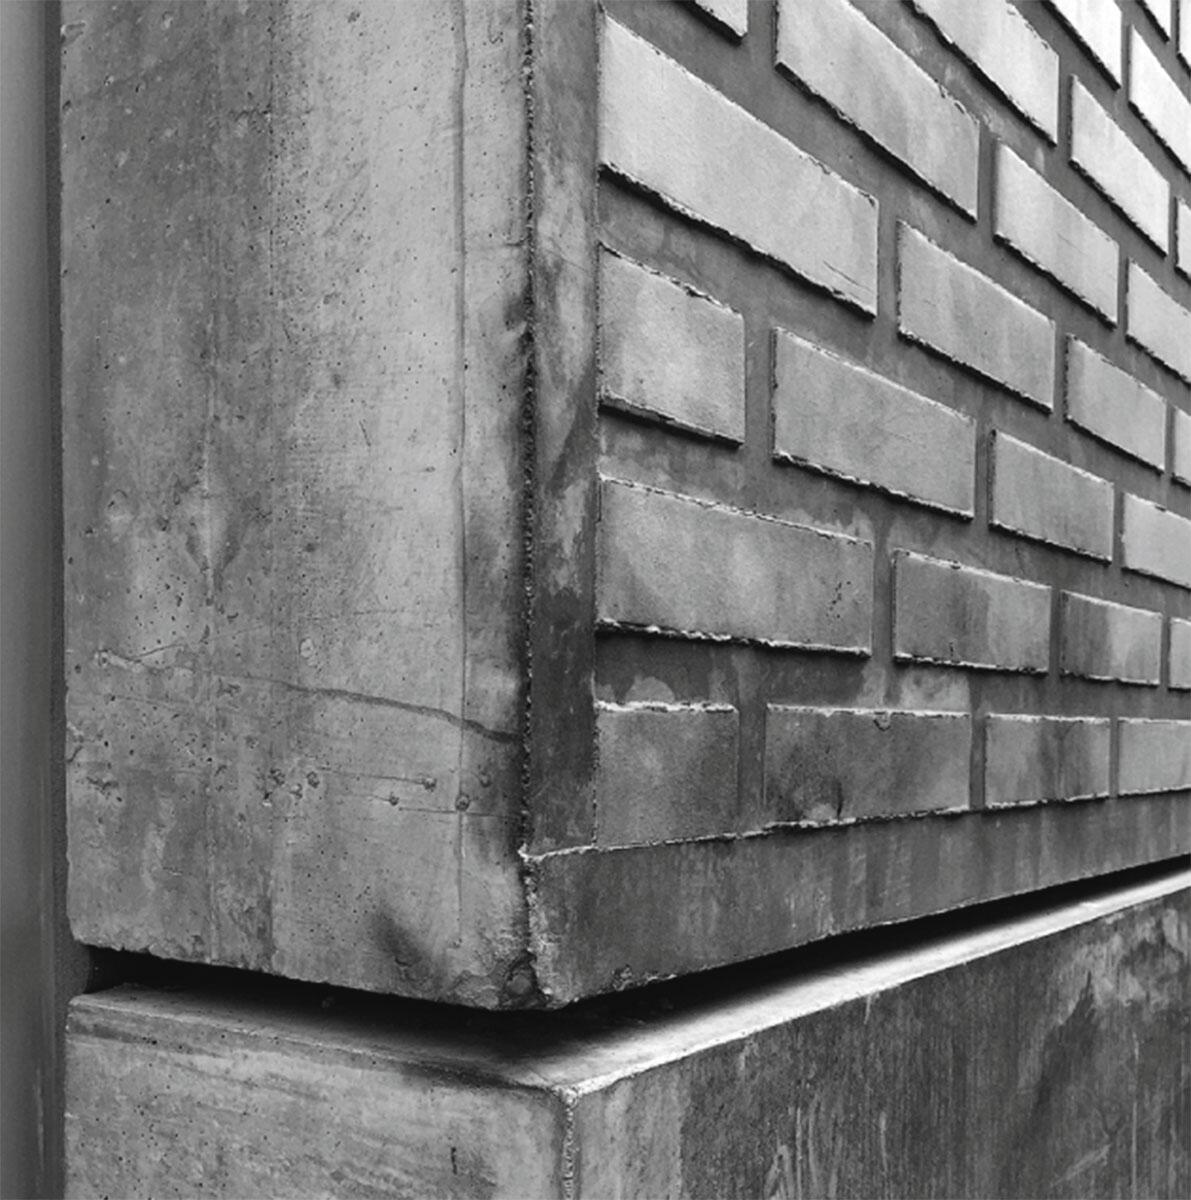 Geschnittene Steine in einer Zement-Matrix: Fassadenelement der Überbauung Hohlstrasse in Zürich von Adrian Streich und Loeliger Strub Architekten.